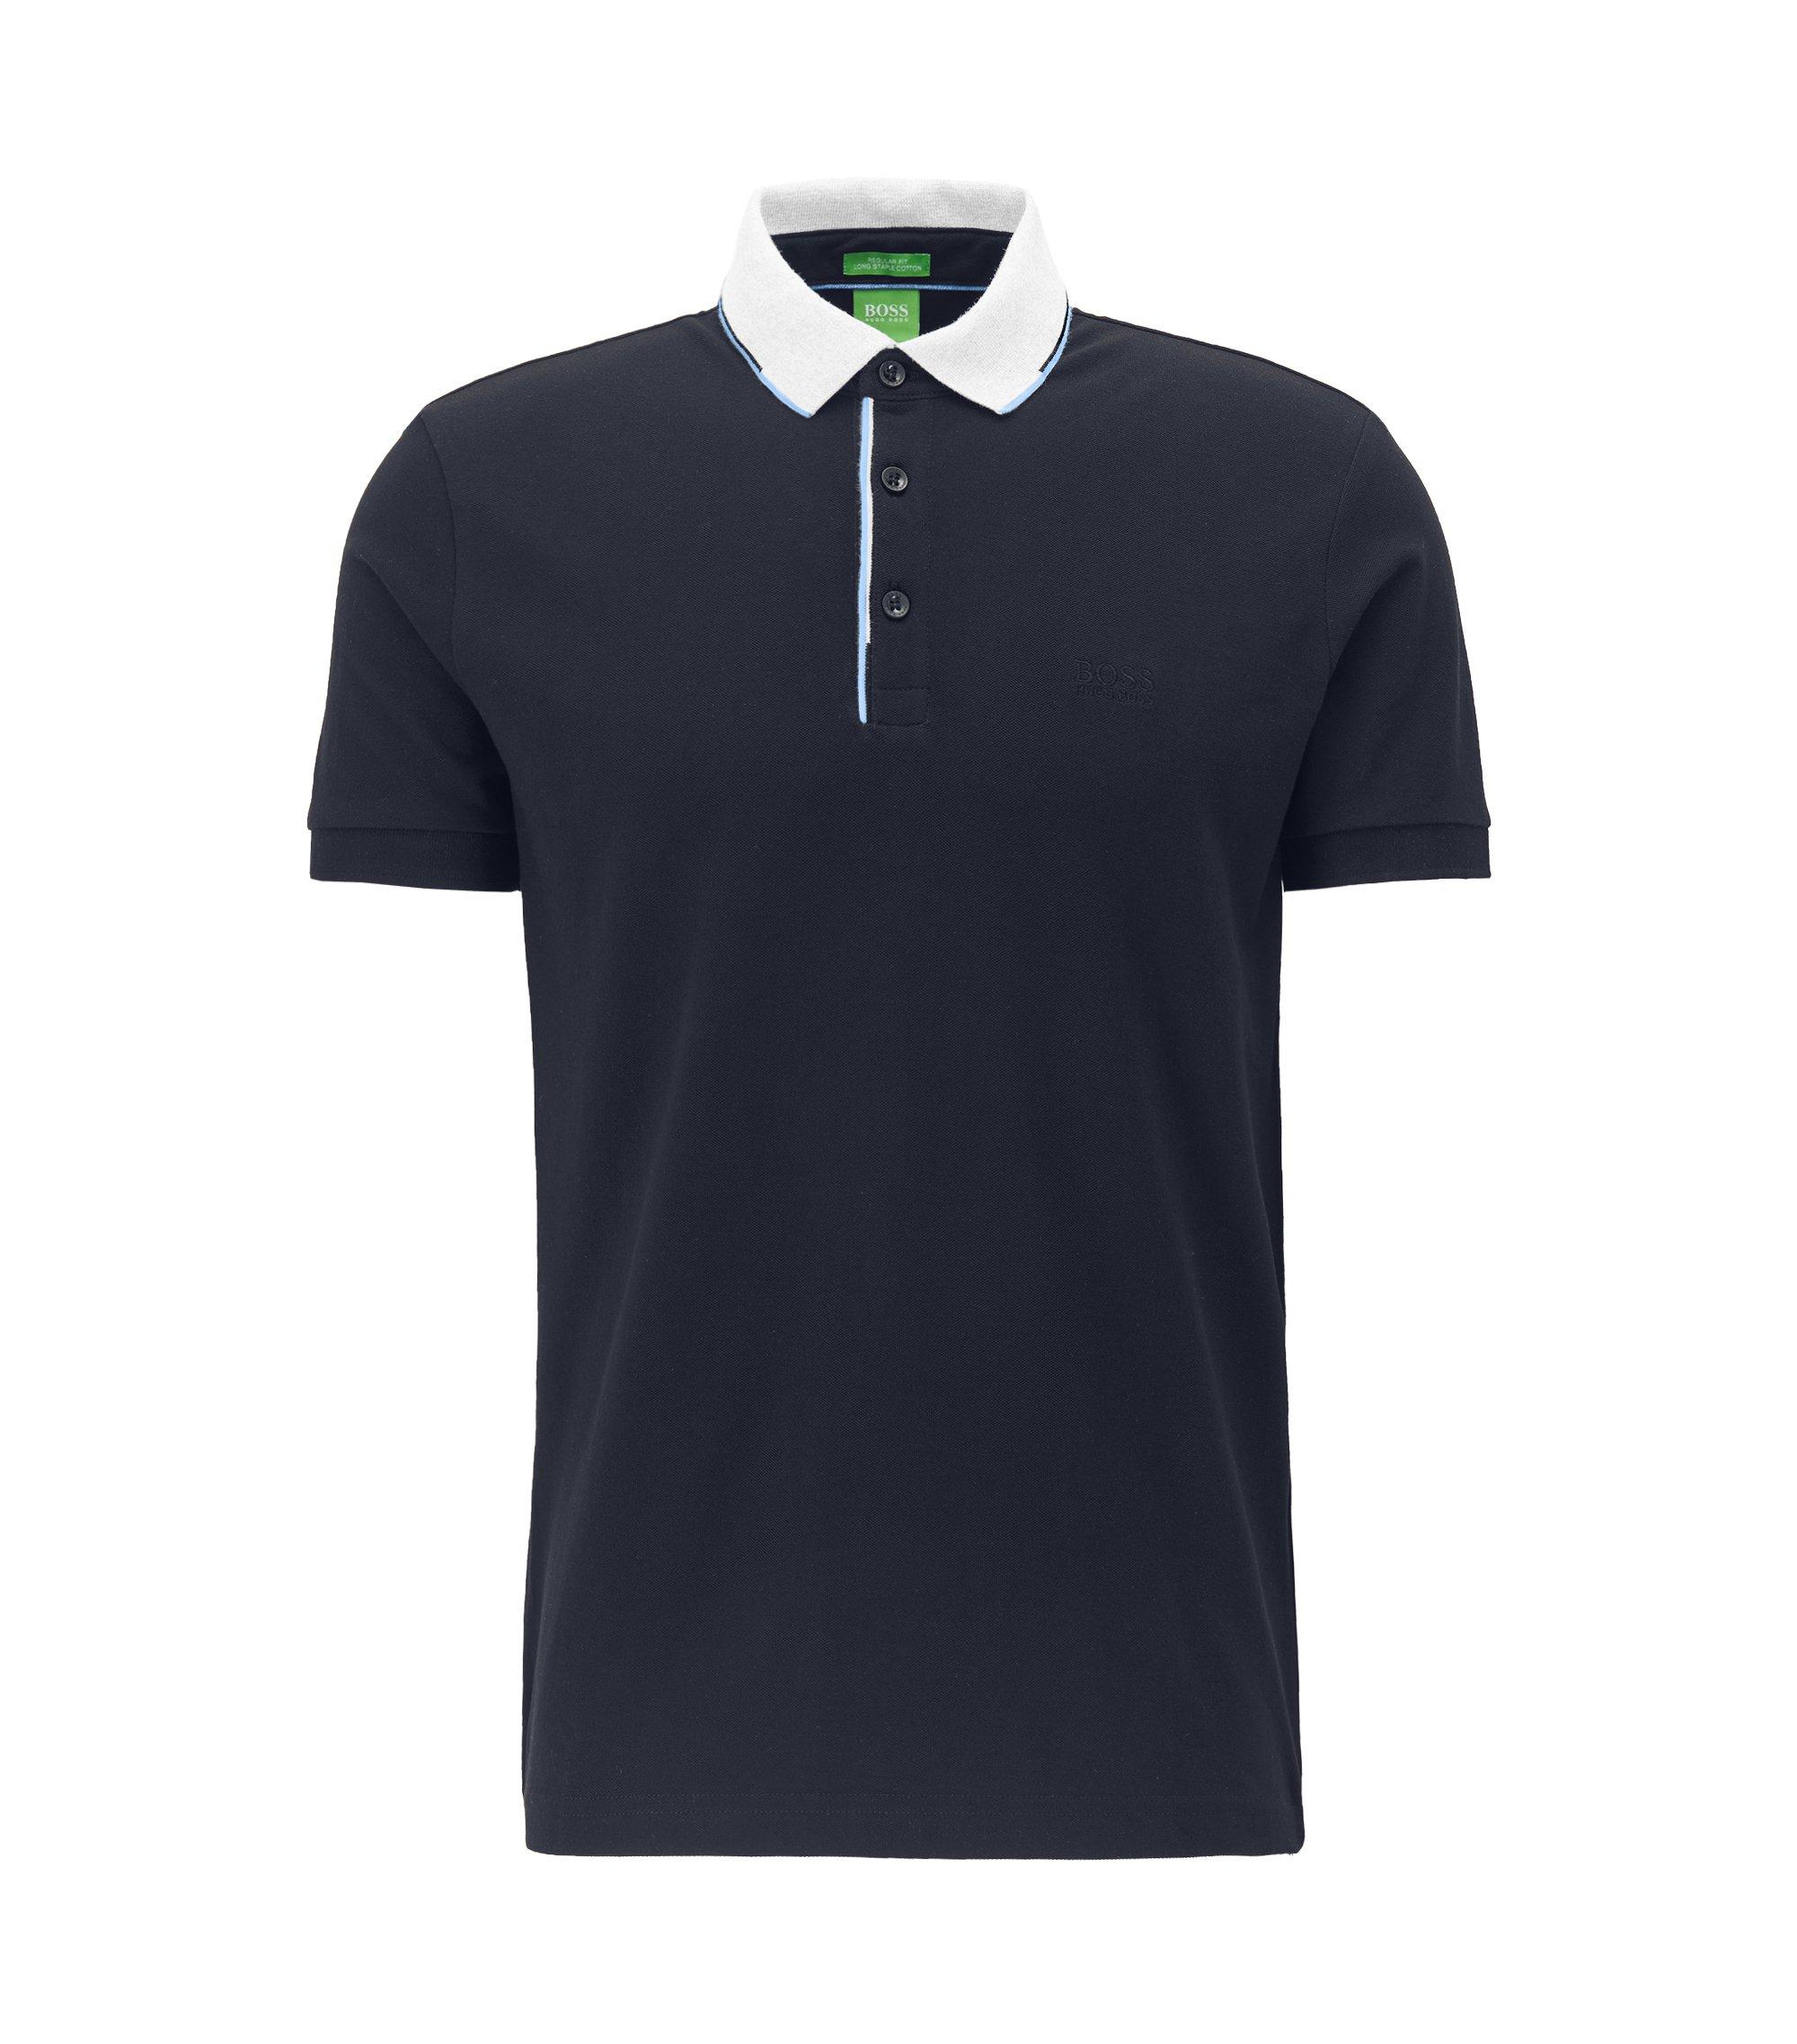 Regular-Fit Poloshirt aus Baumwoll-Piqué mit Kontrastkragen , Dunkelblau